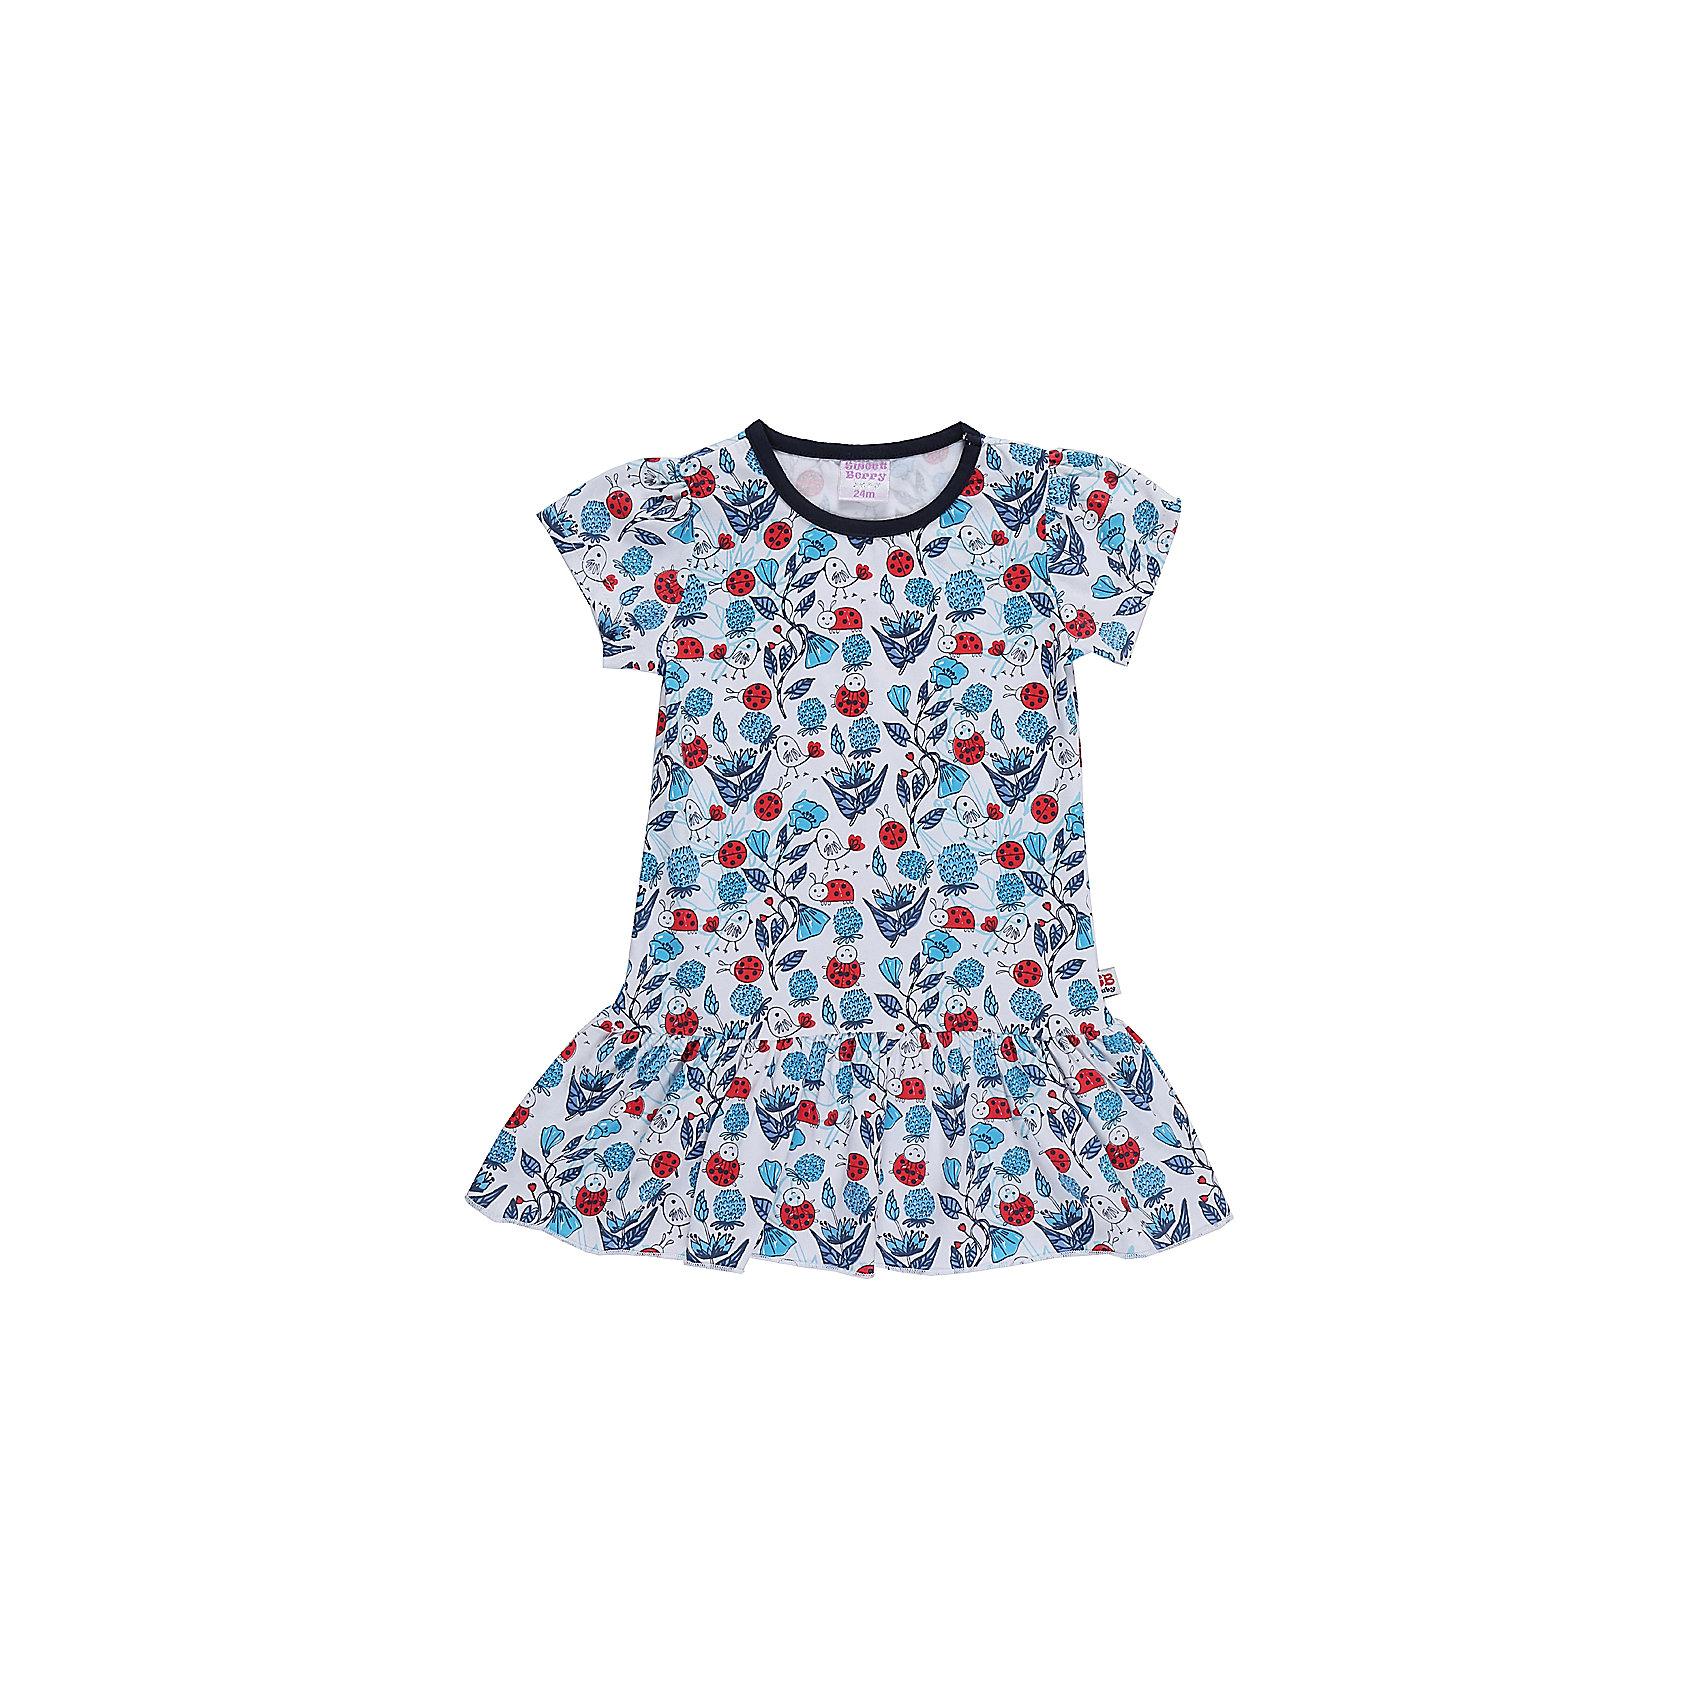 Платье для девочки Sweet BerryПлатья<br>Трикотажное платье для девочки из принтованной ткани  с коротким рукавом.<br>Состав:<br>95%хлопок 5%эластан<br><br>Ширина мм: 236<br>Глубина мм: 16<br>Высота мм: 184<br>Вес г: 177<br>Цвет: разноцветный<br>Возраст от месяцев: 12<br>Возраст до месяцев: 15<br>Пол: Женский<br>Возраст: Детский<br>Размер: 80,98,92,86<br>SKU: 5410983